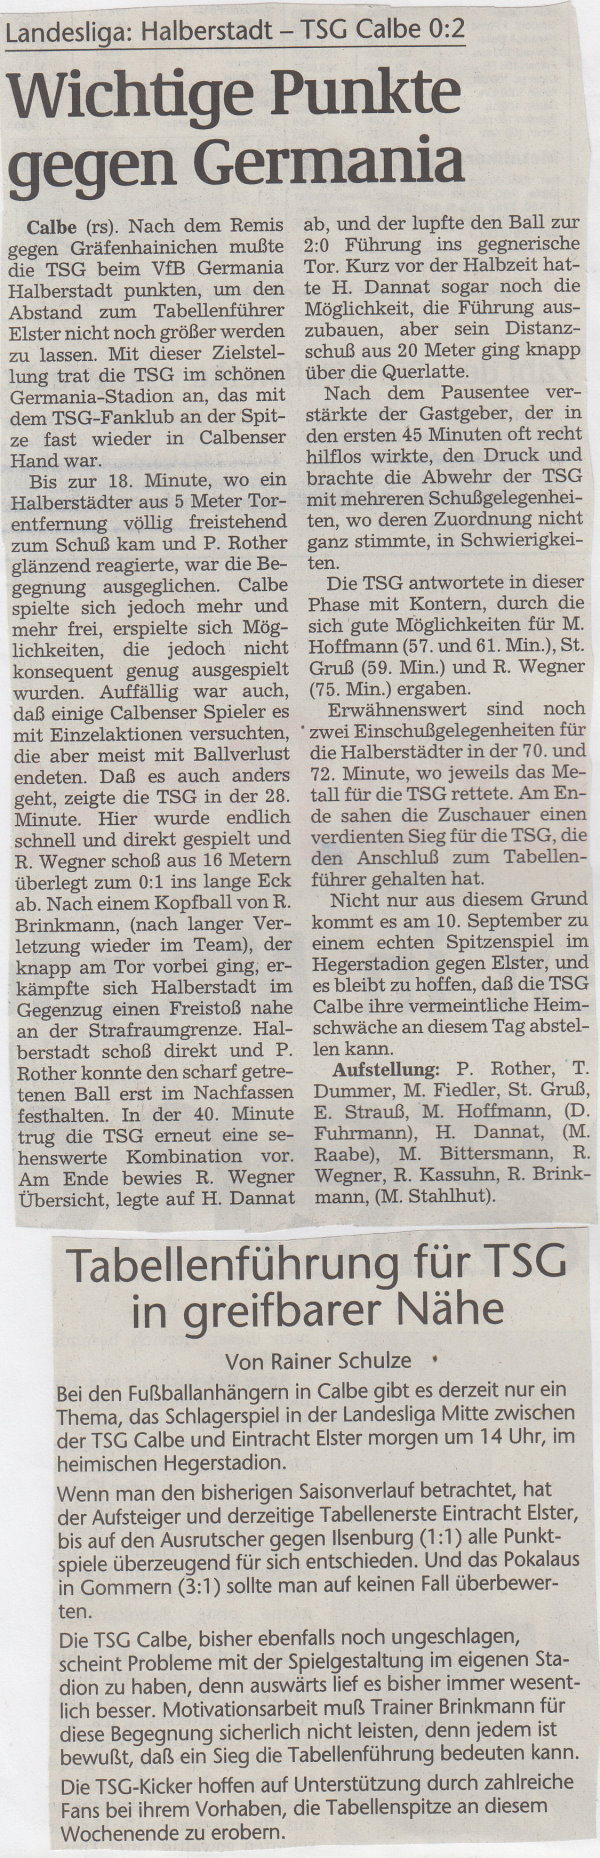 Volksstimme-Bericht vom 26. September 1998.